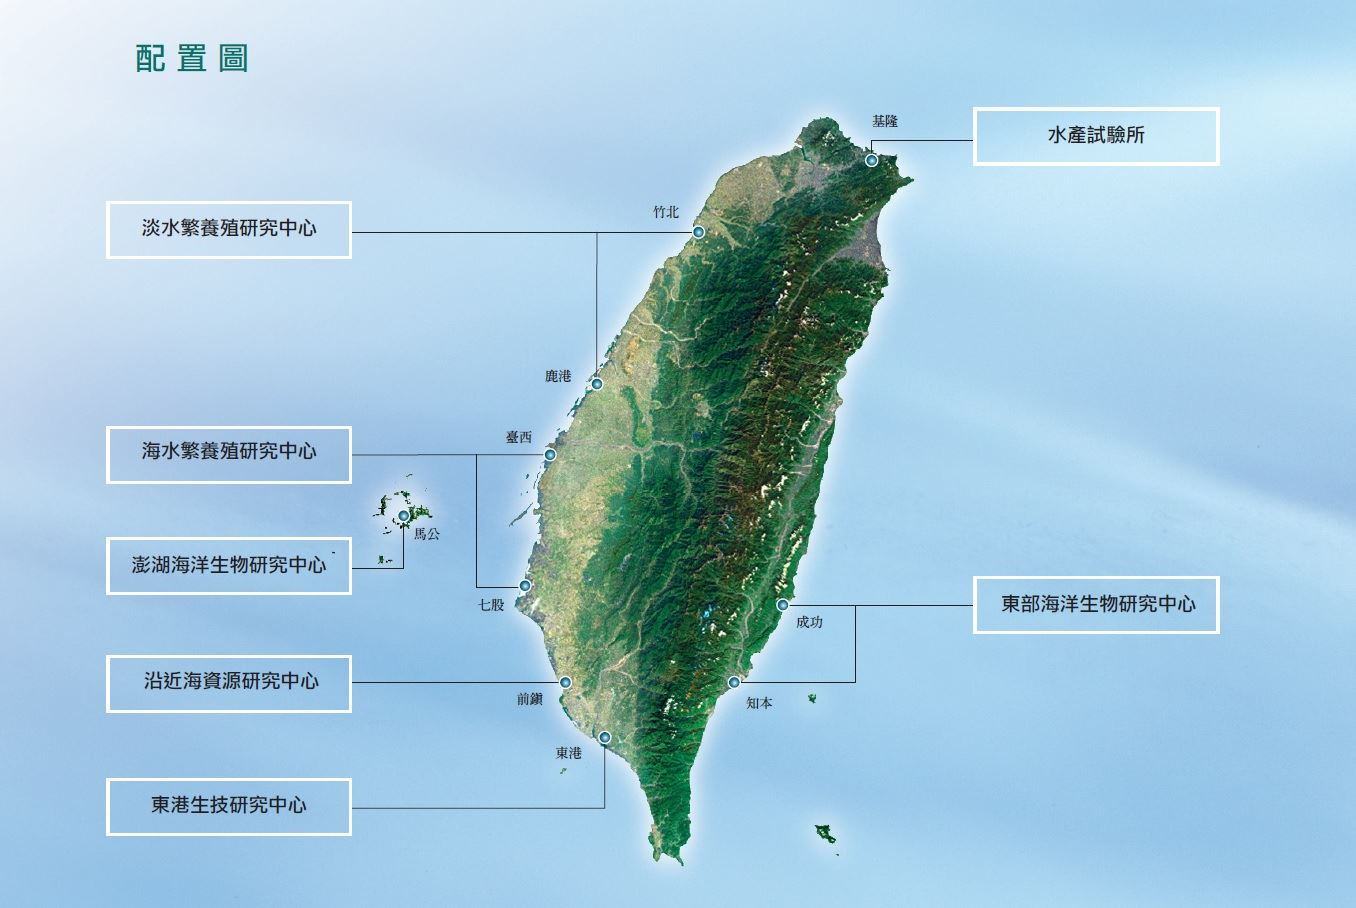 此為水產試驗總所位置地圖,詳細位置如下方文字說明